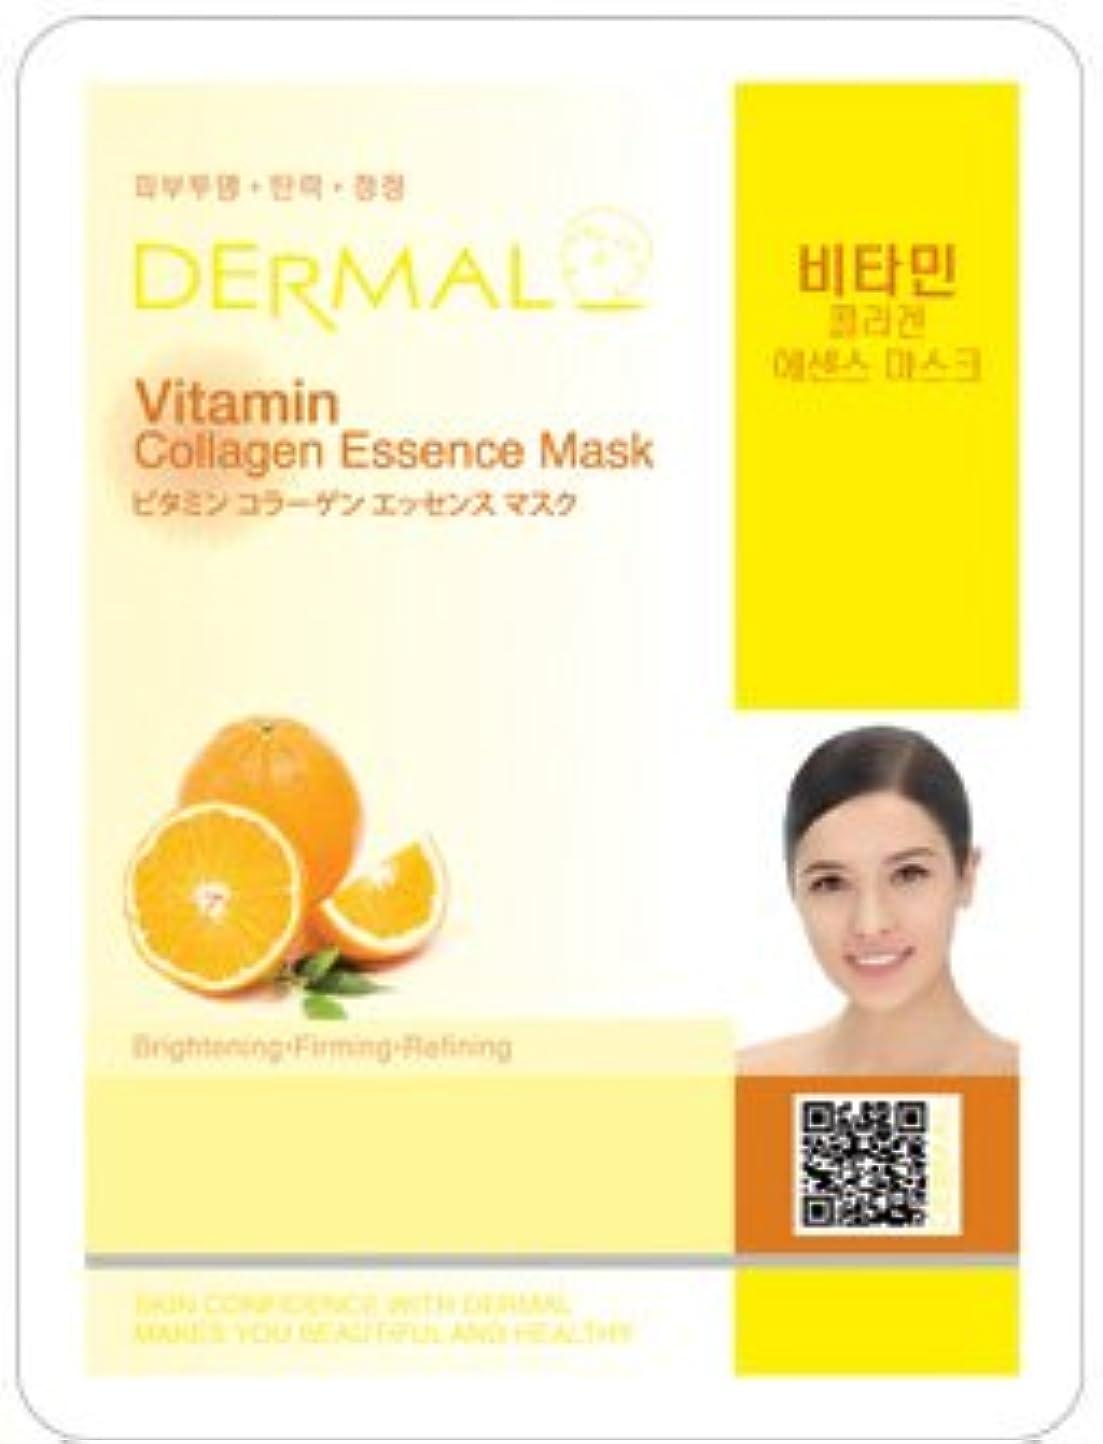 叱る上陸プログレッシブシートマスク ビタミン 100枚セット ダーマル(Dermal) フェイス パック